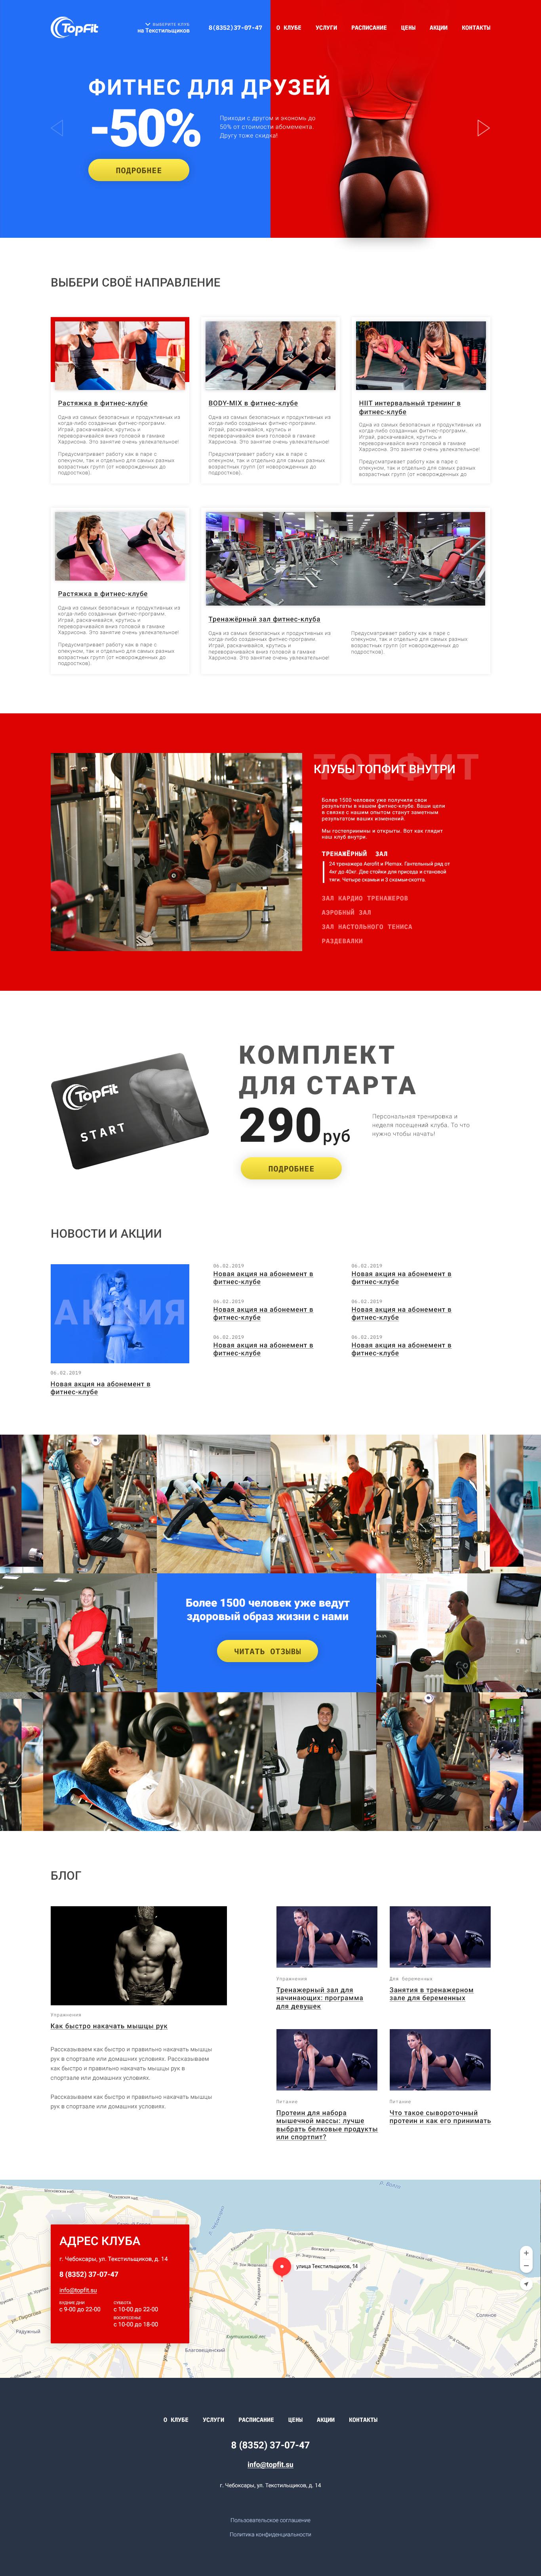 новый дизайн сайта фитнес-клуба топфит